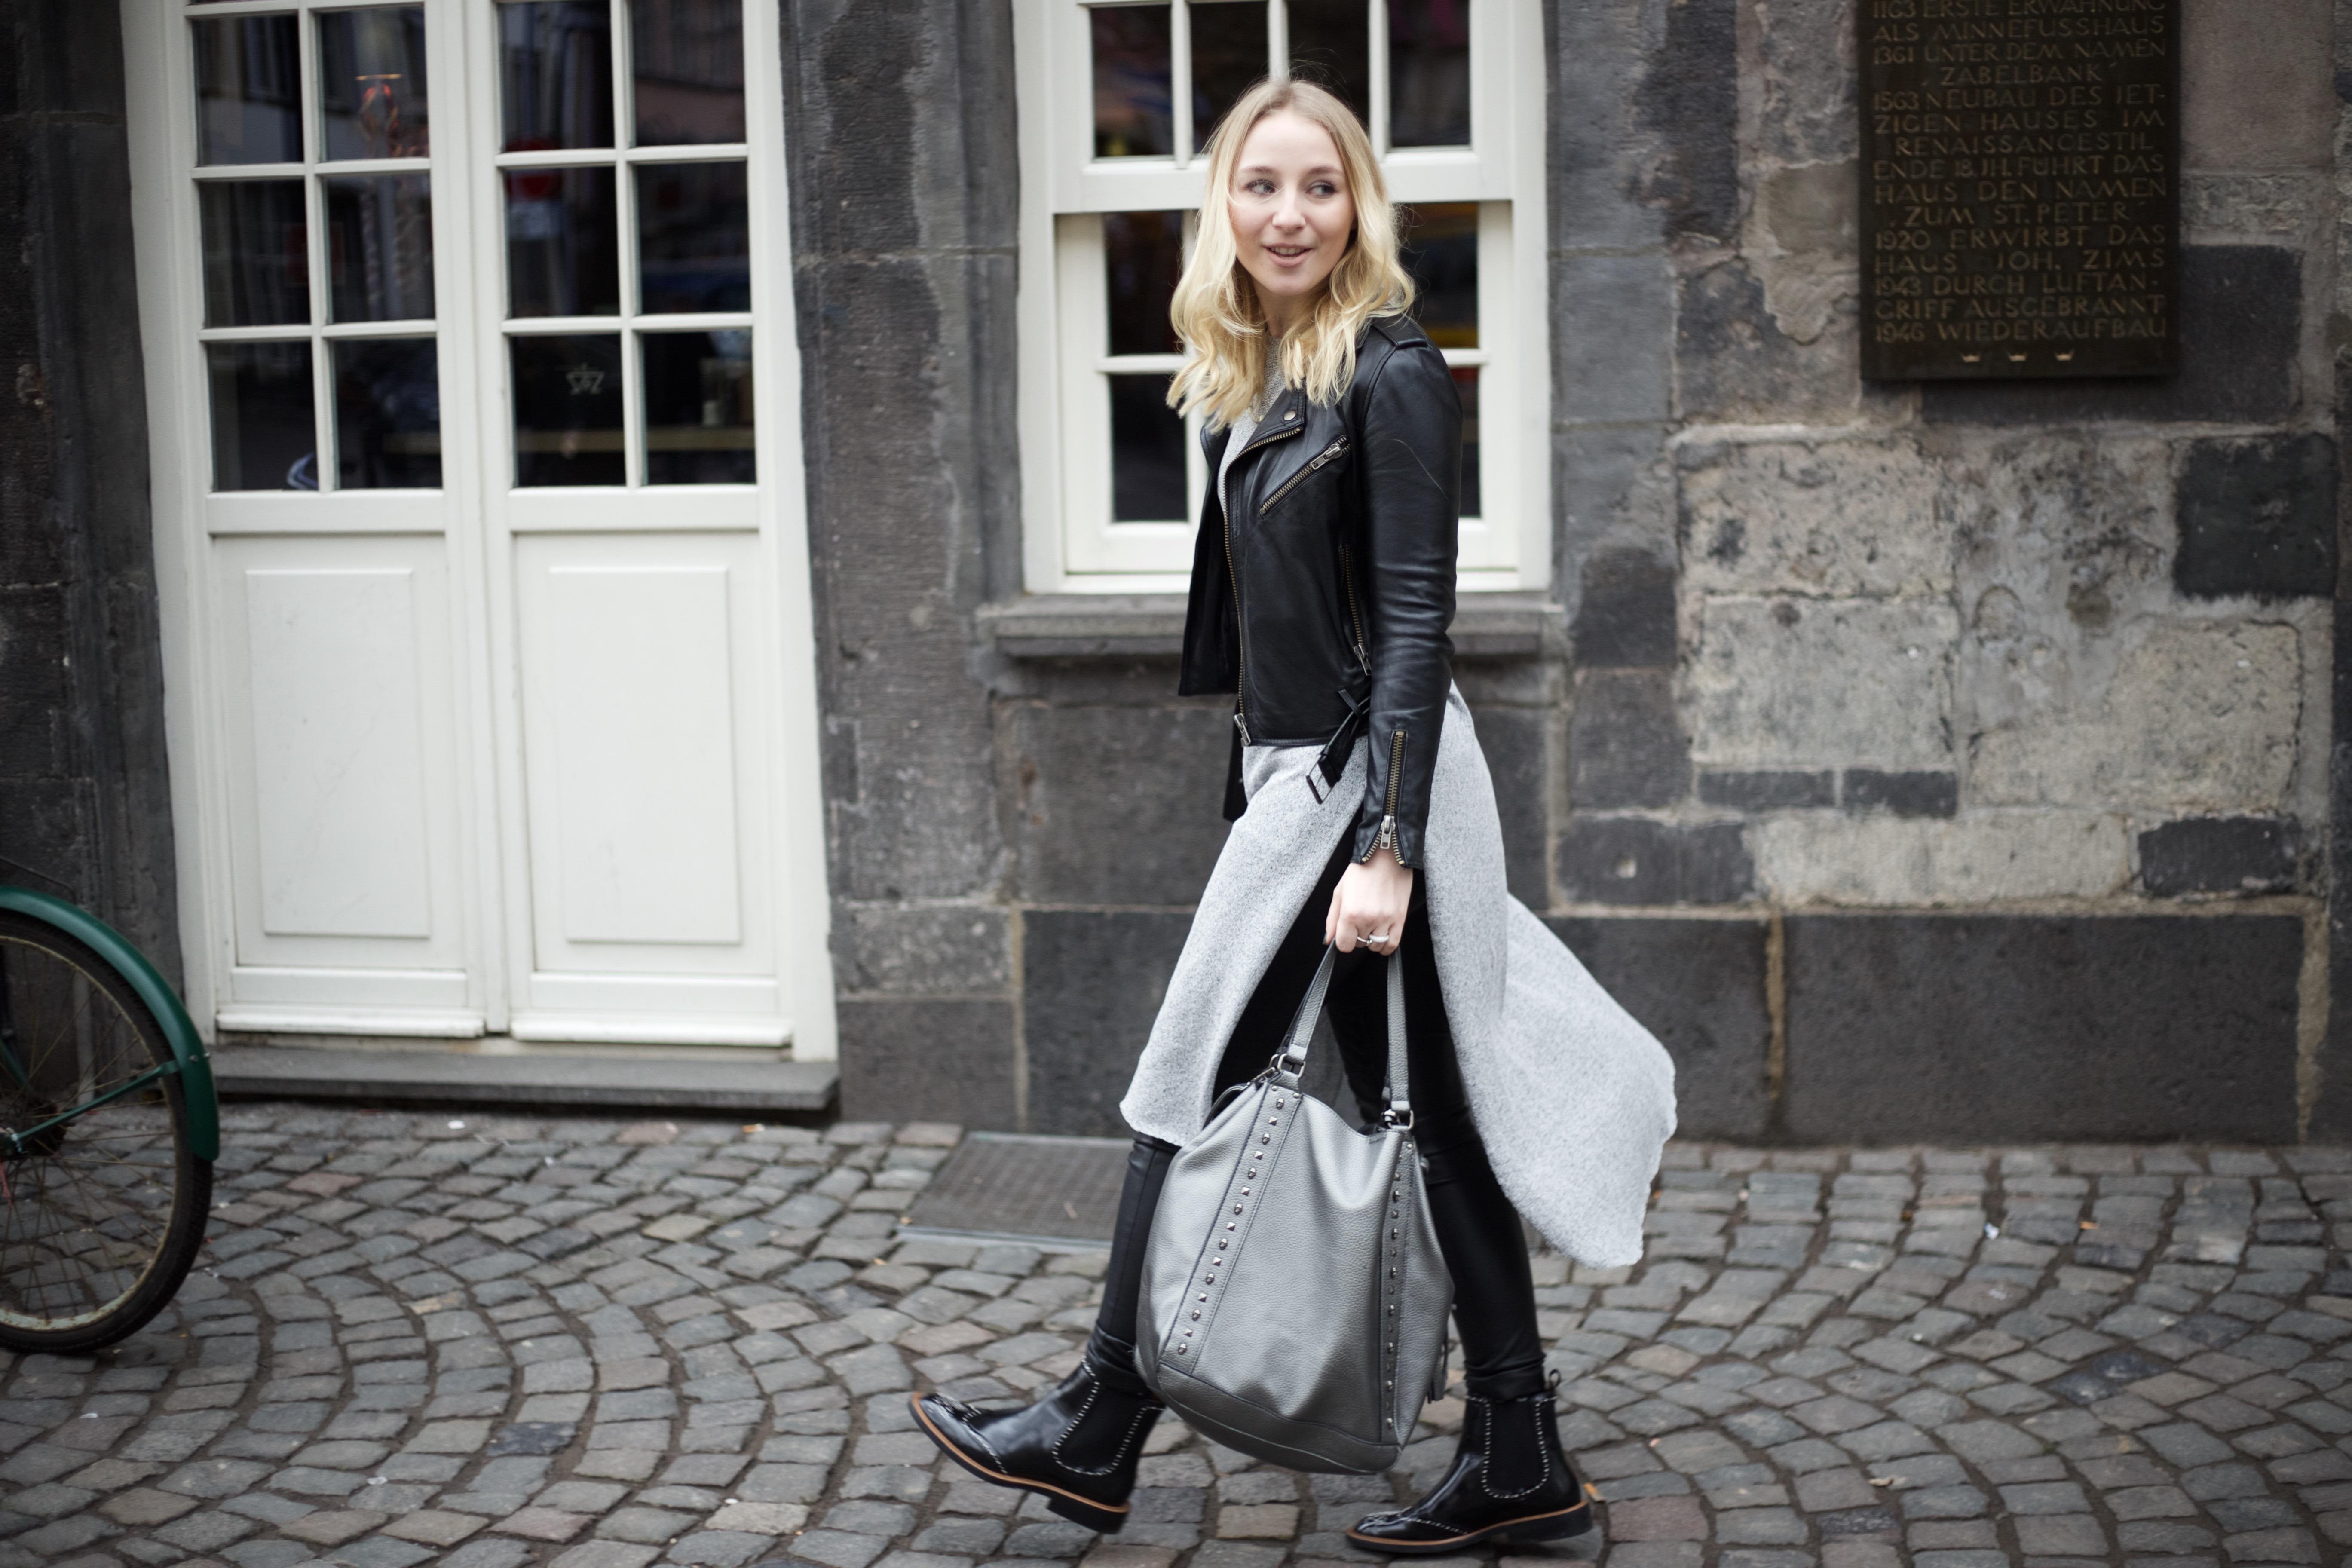 Lederjacke_Lederhose_Lederschuhe_Cologne_Fashionblog_0428